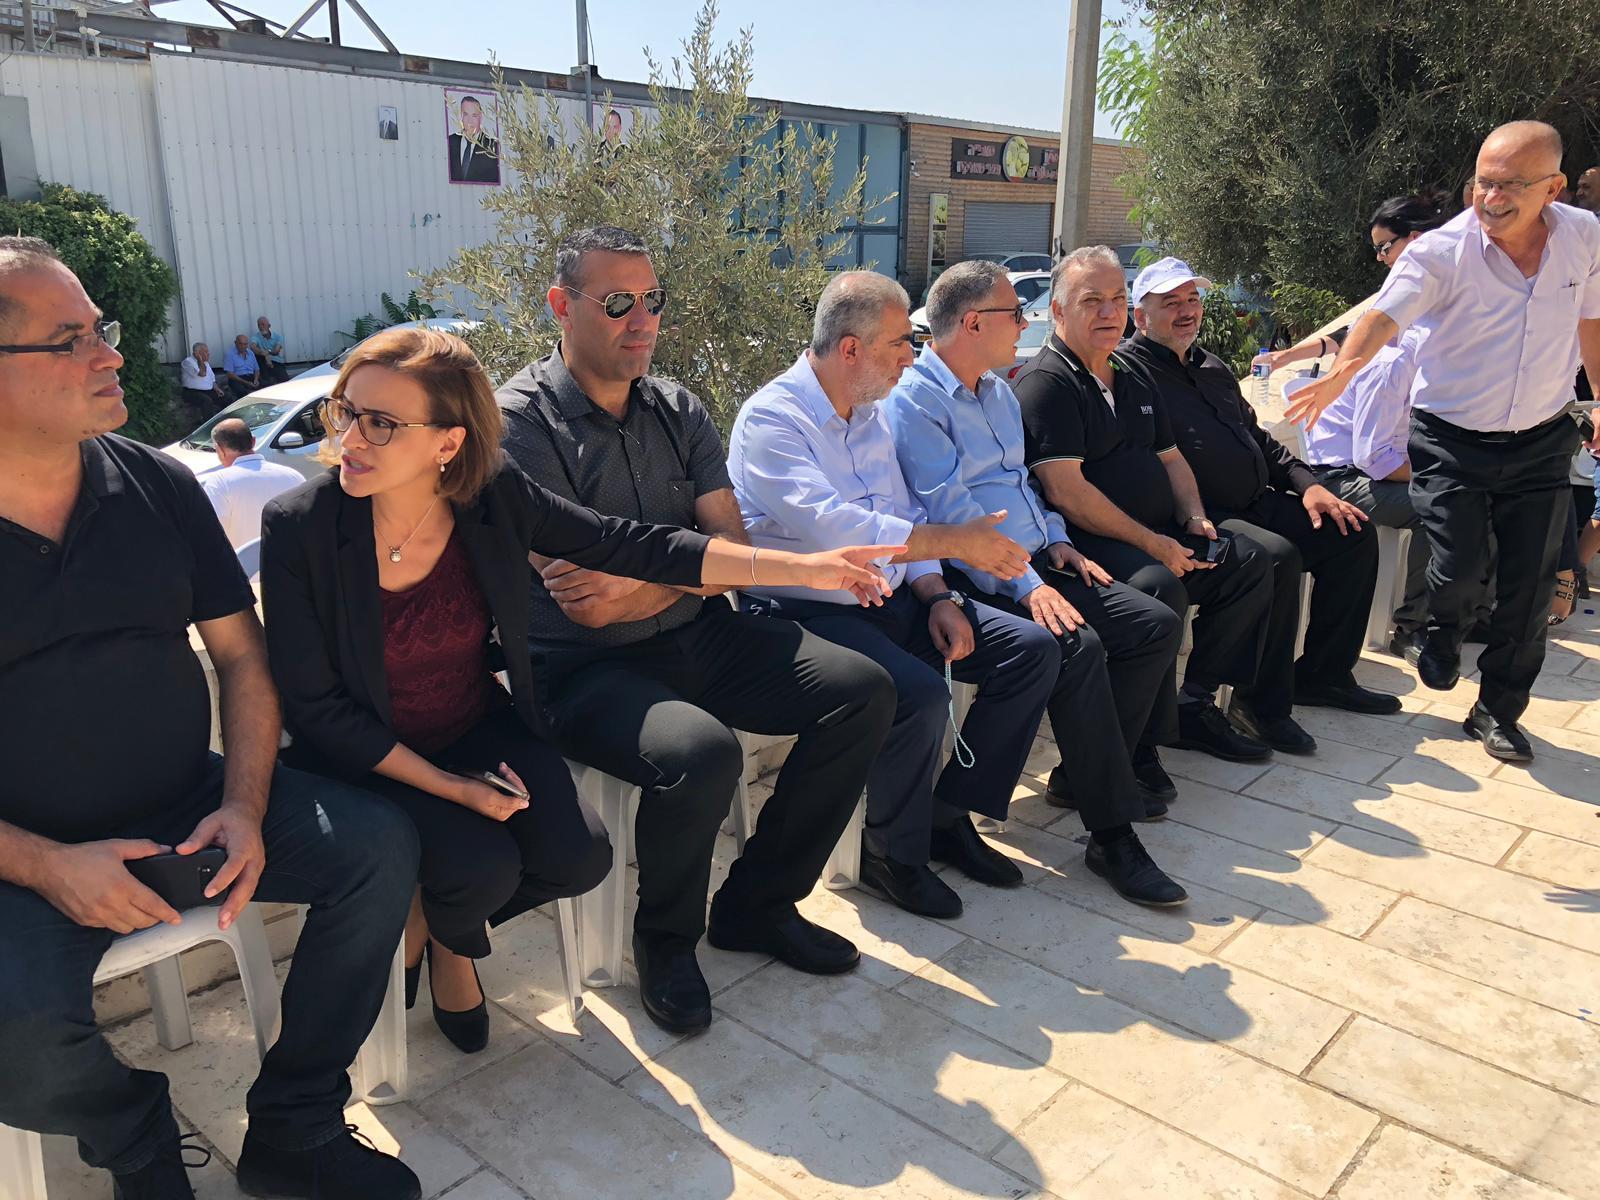 ذكرى هبة القدس والأقصى: زيارة أضرحة الشهداء بالناصرة